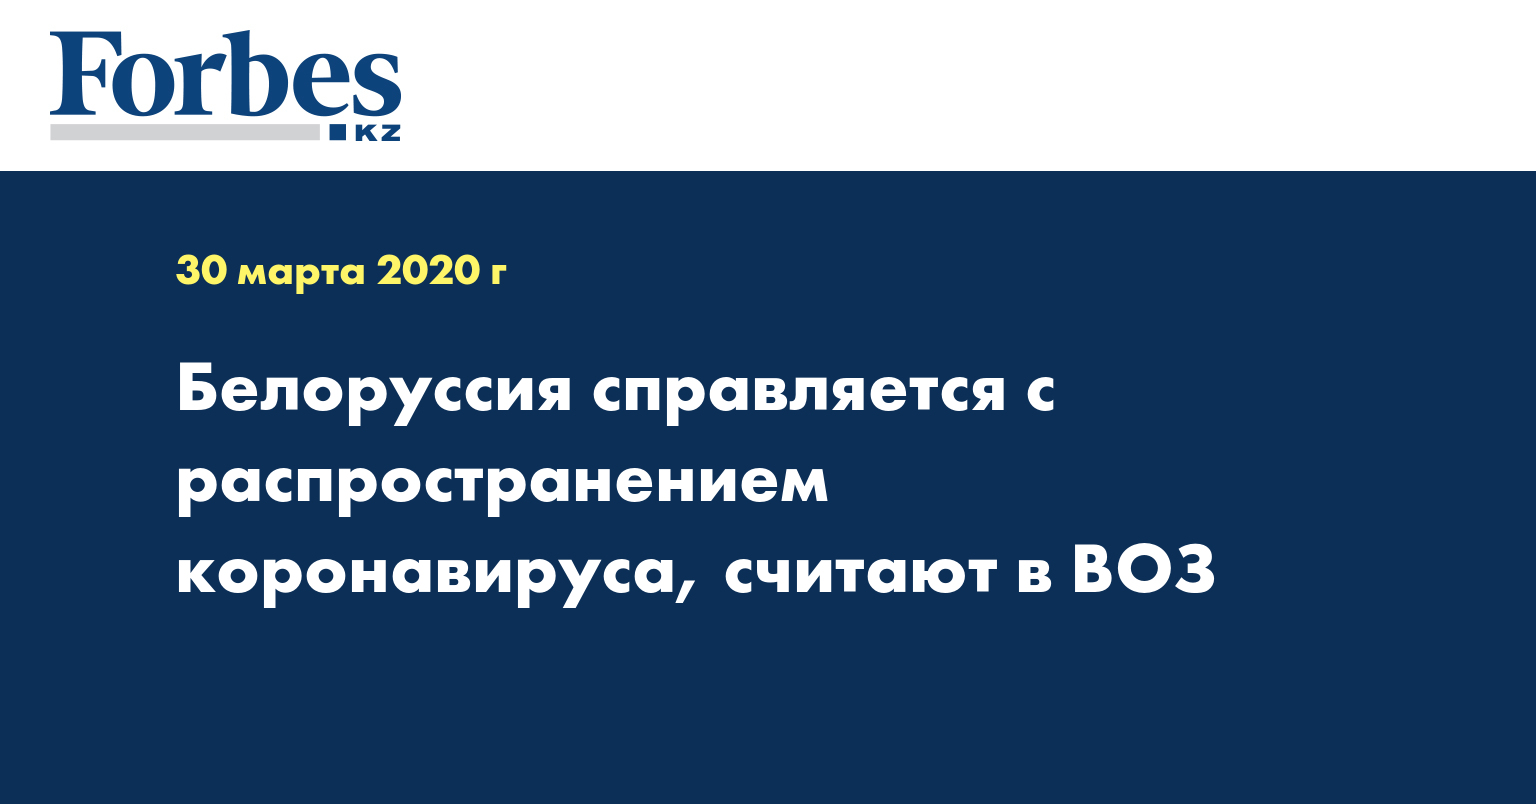 Белоруссия справляется с распространением коронавируса, считают в ВОЗ